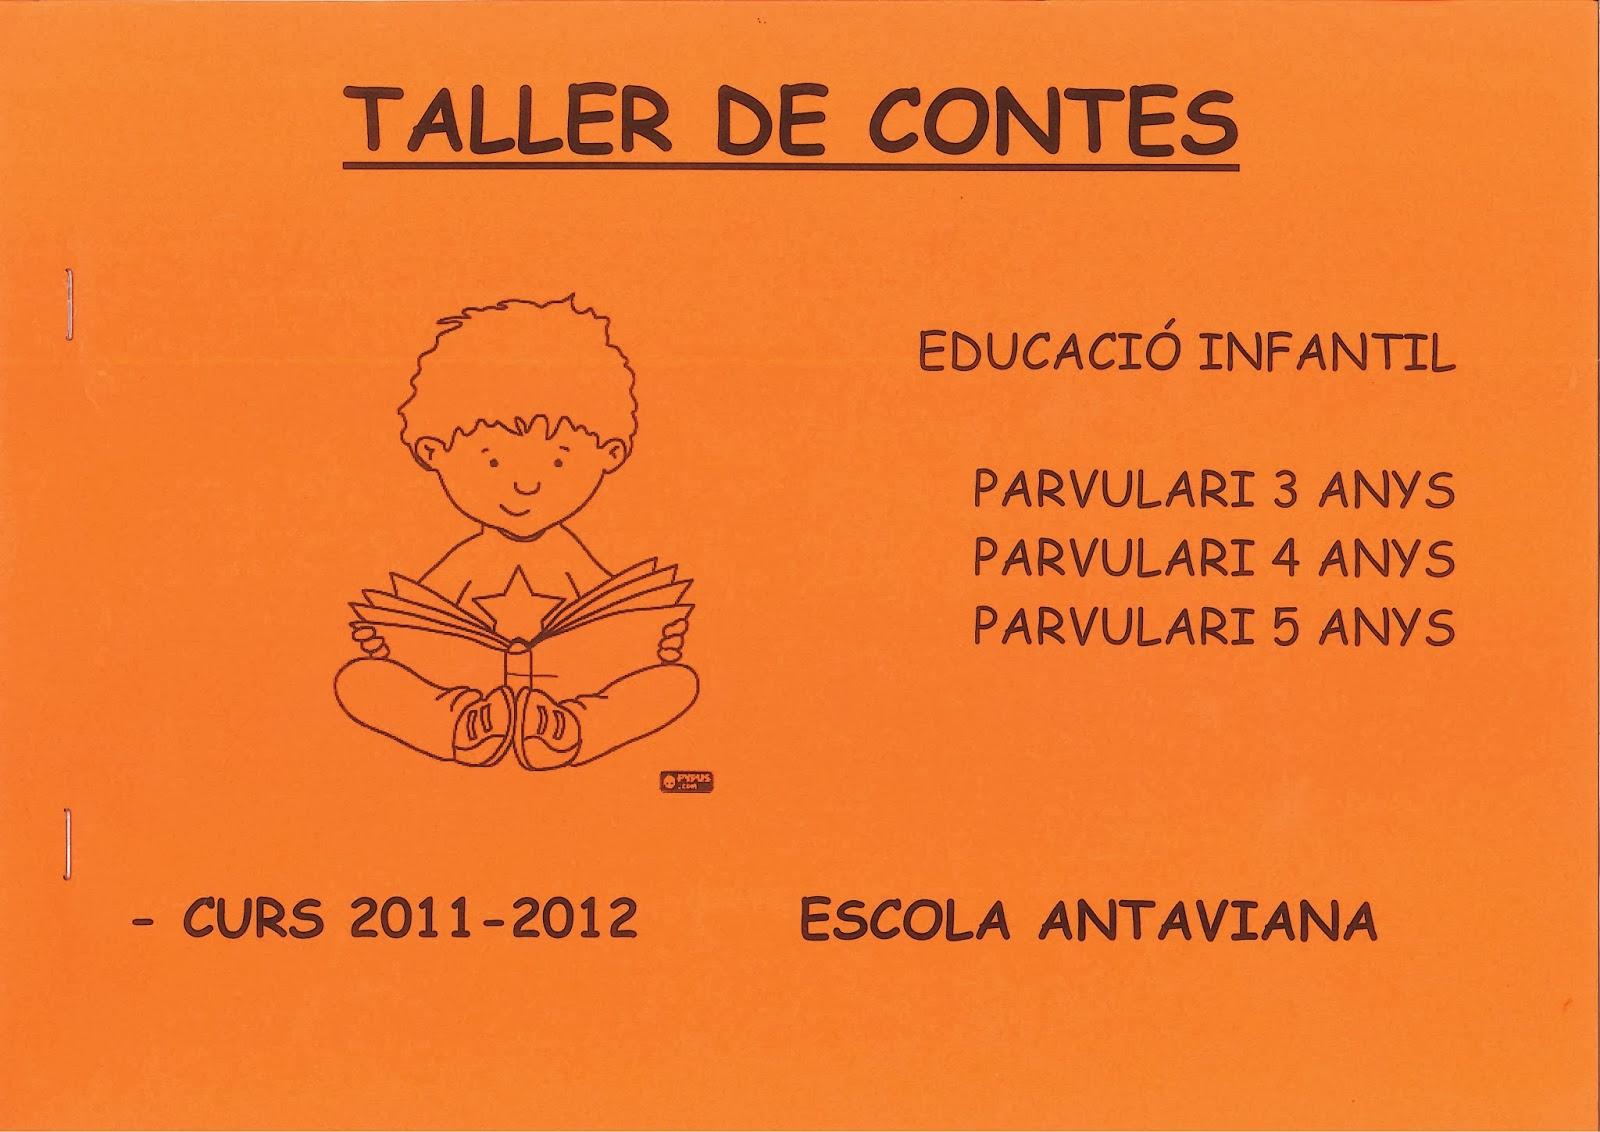 http://issuu.com/blocsdantaviana/docs/dossier_contes_2011-12